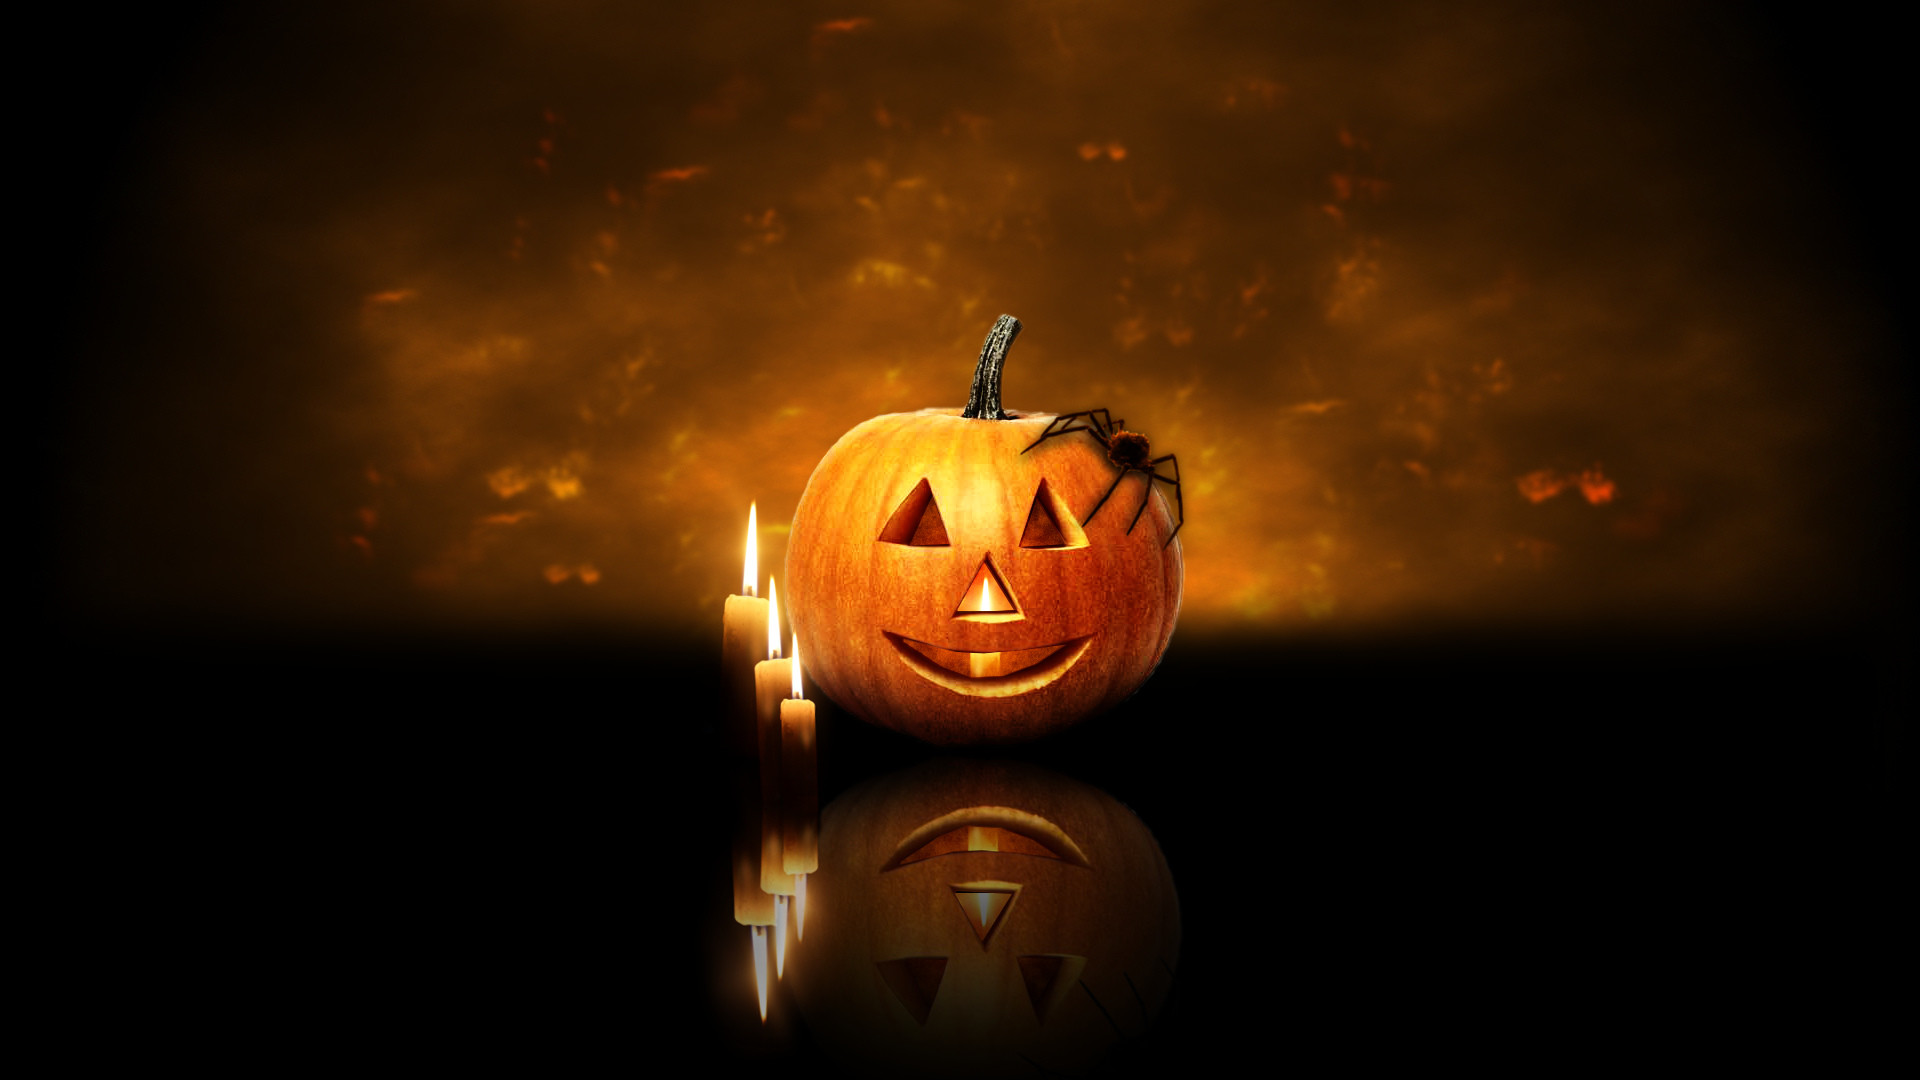 Most Inspiring Wallpaper Halloween Pinterest - 426683-beautiful-hd-halloween-desktop-backgrounds-1920x1080  Picture_449721.jpg